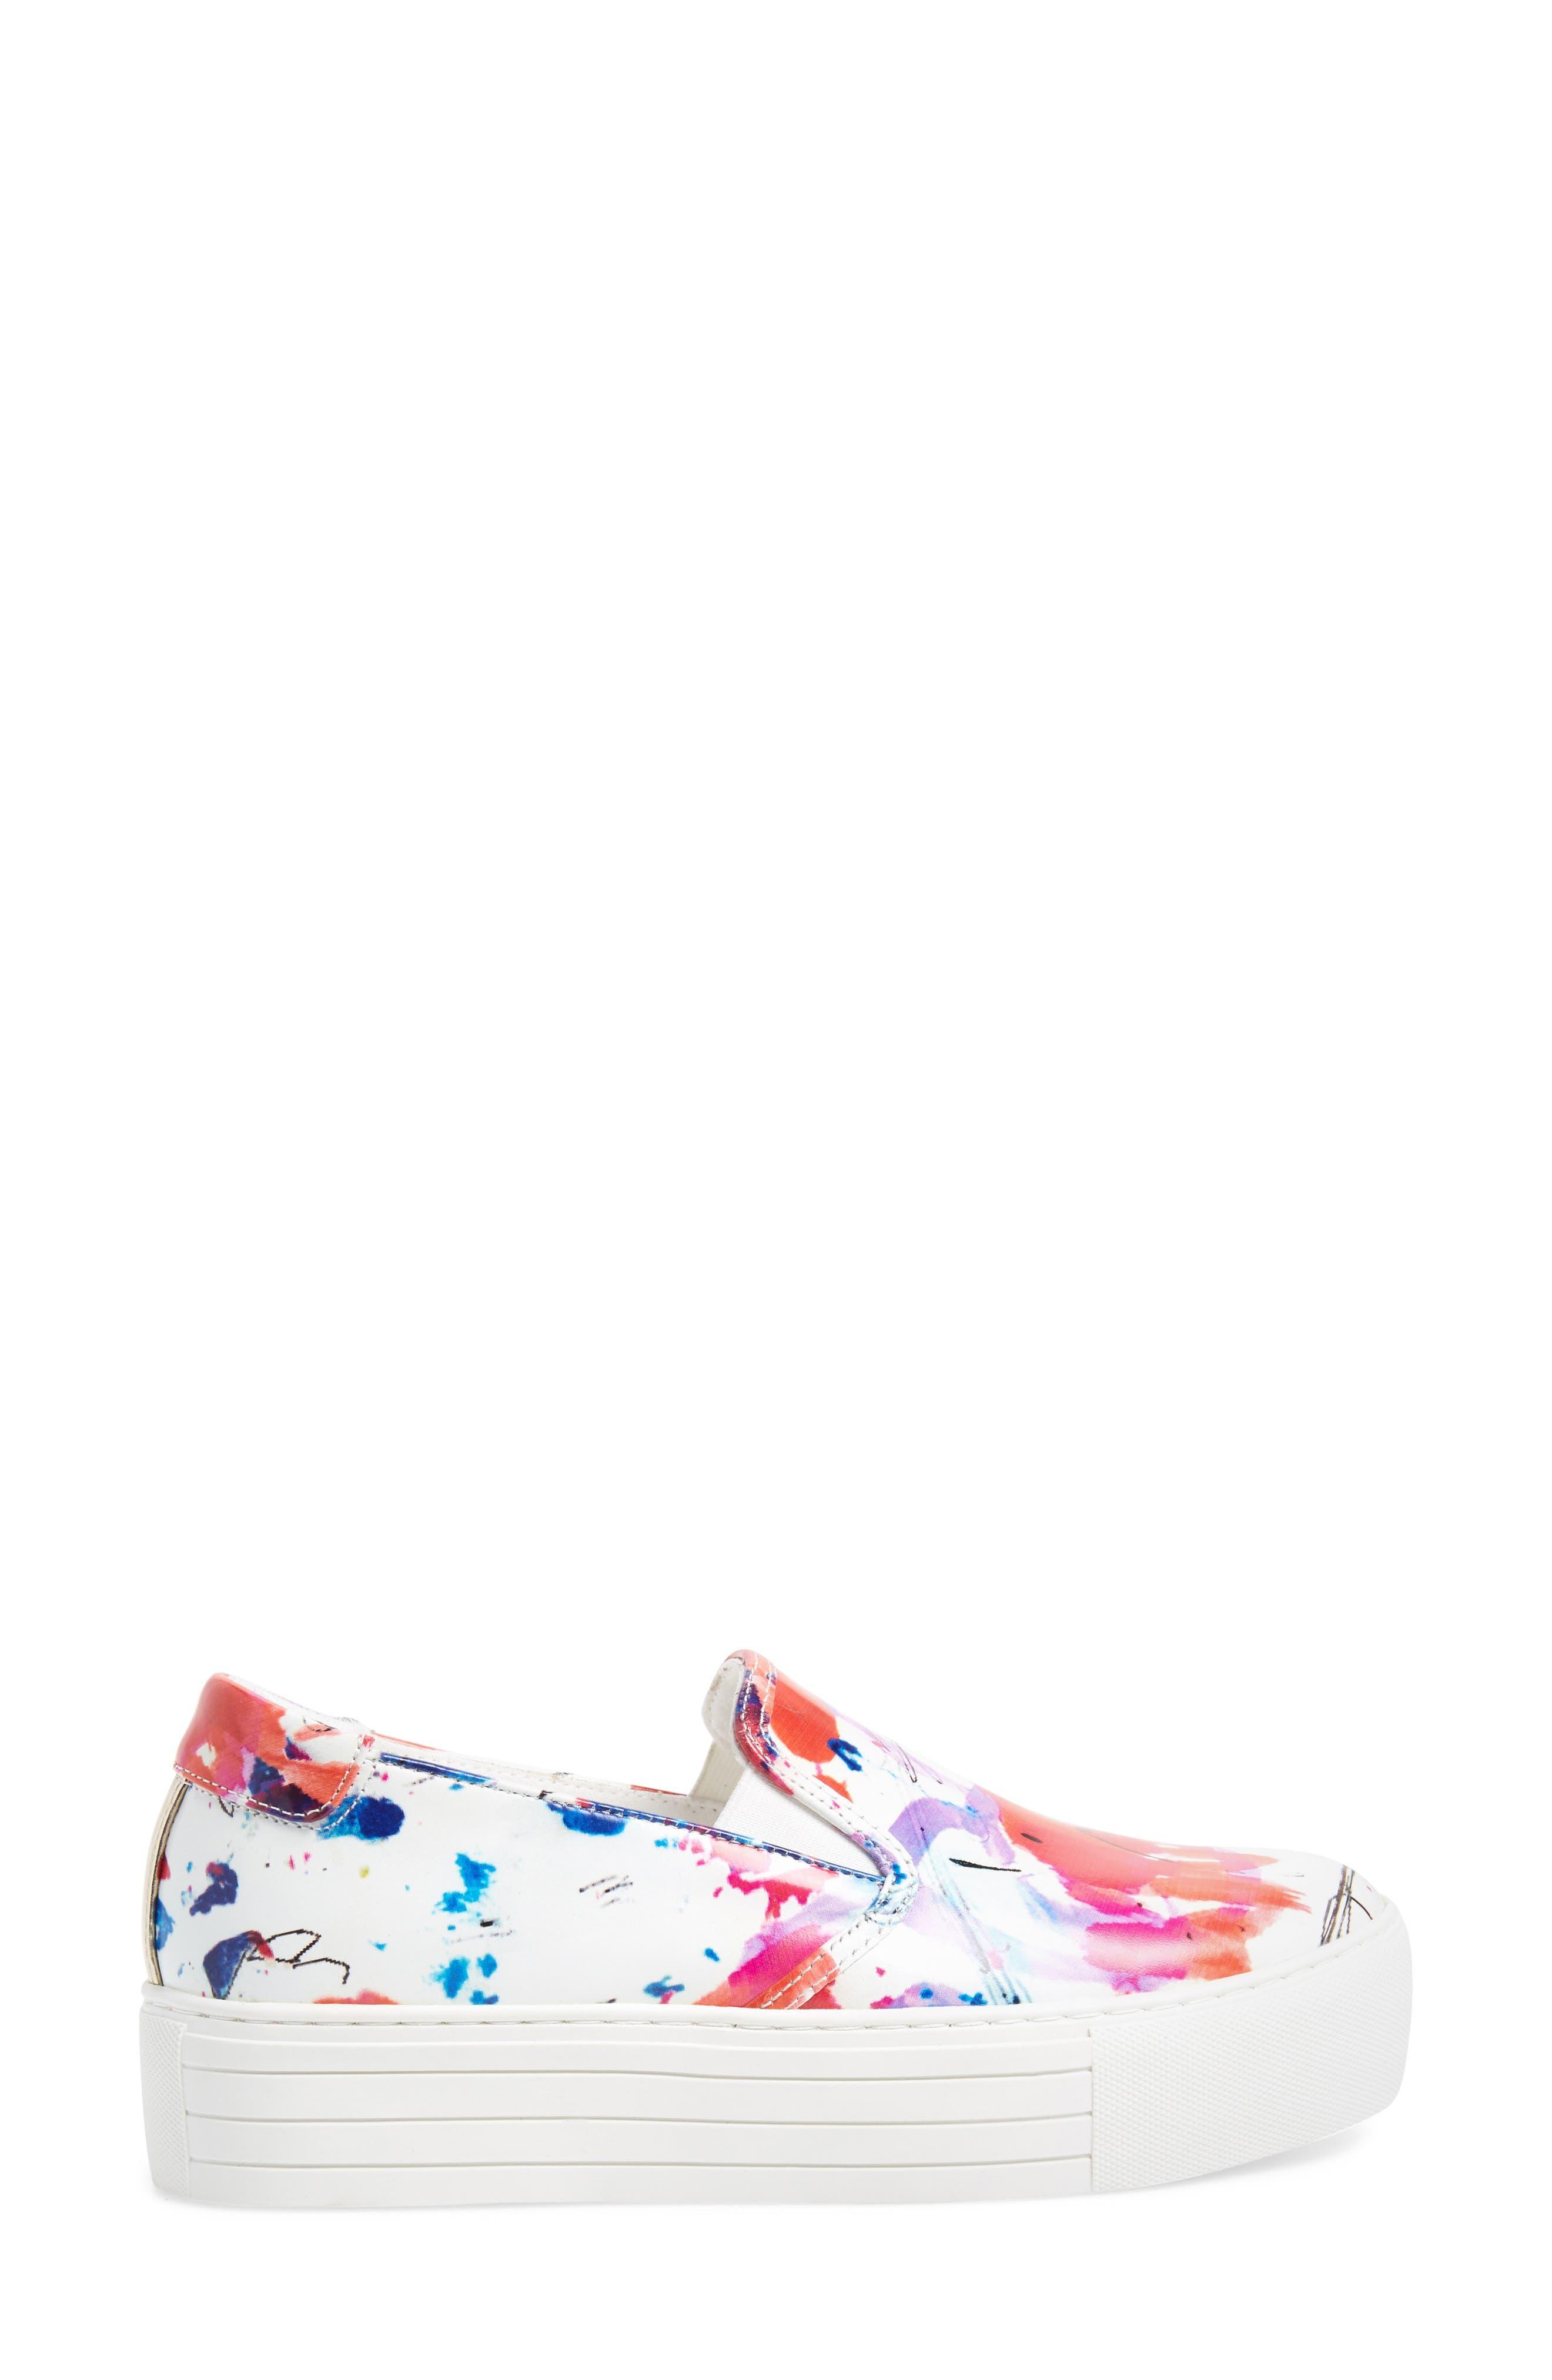 Joanie Slip-On Platform Sneaker,                             Alternate thumbnail 3, color,                             White Multi Print Leather